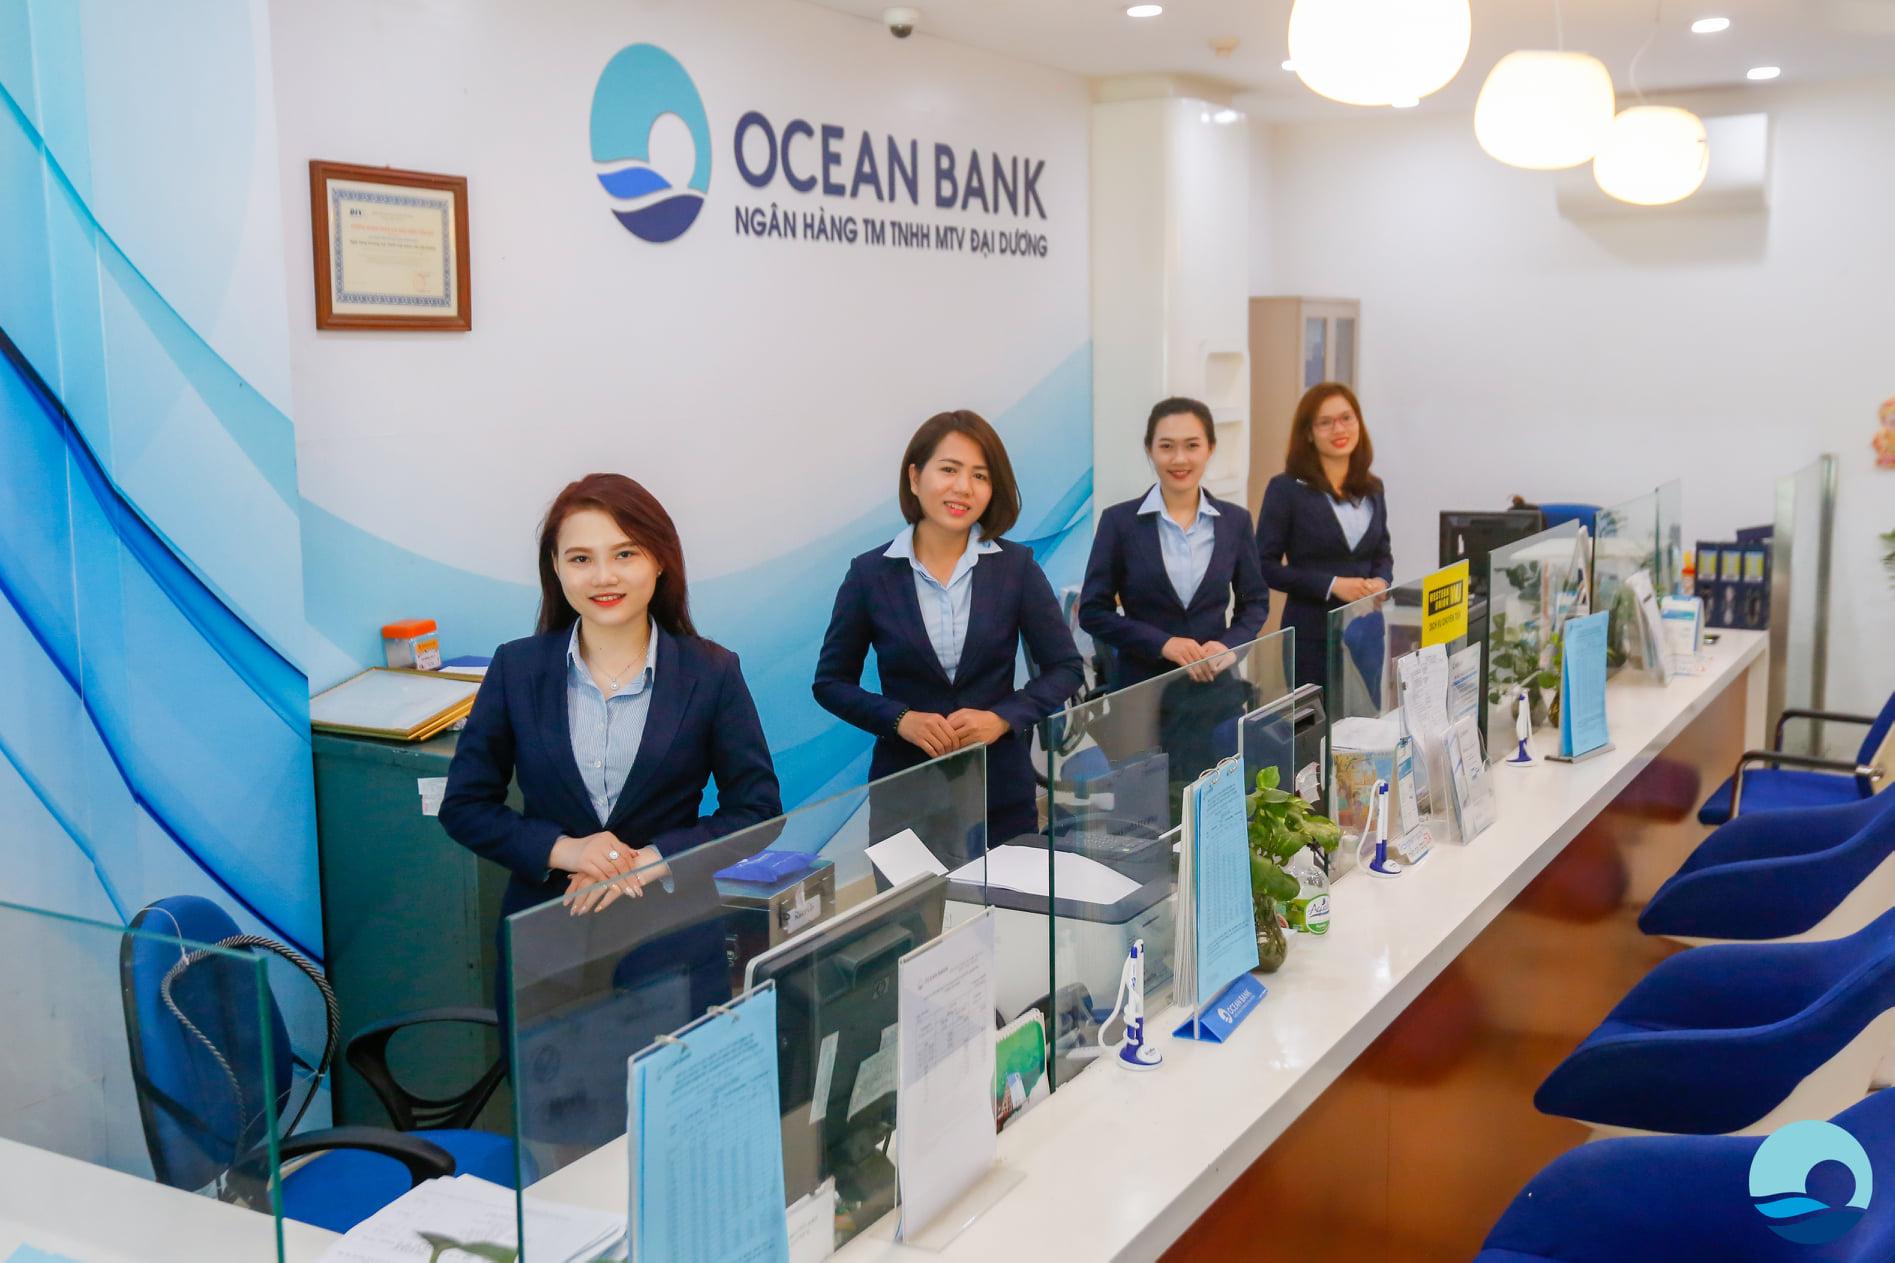 Lãi suất ngân hàng OceanBank tháng 5/2021 cao nhất là 6,6%/năm - Ảnh 1.